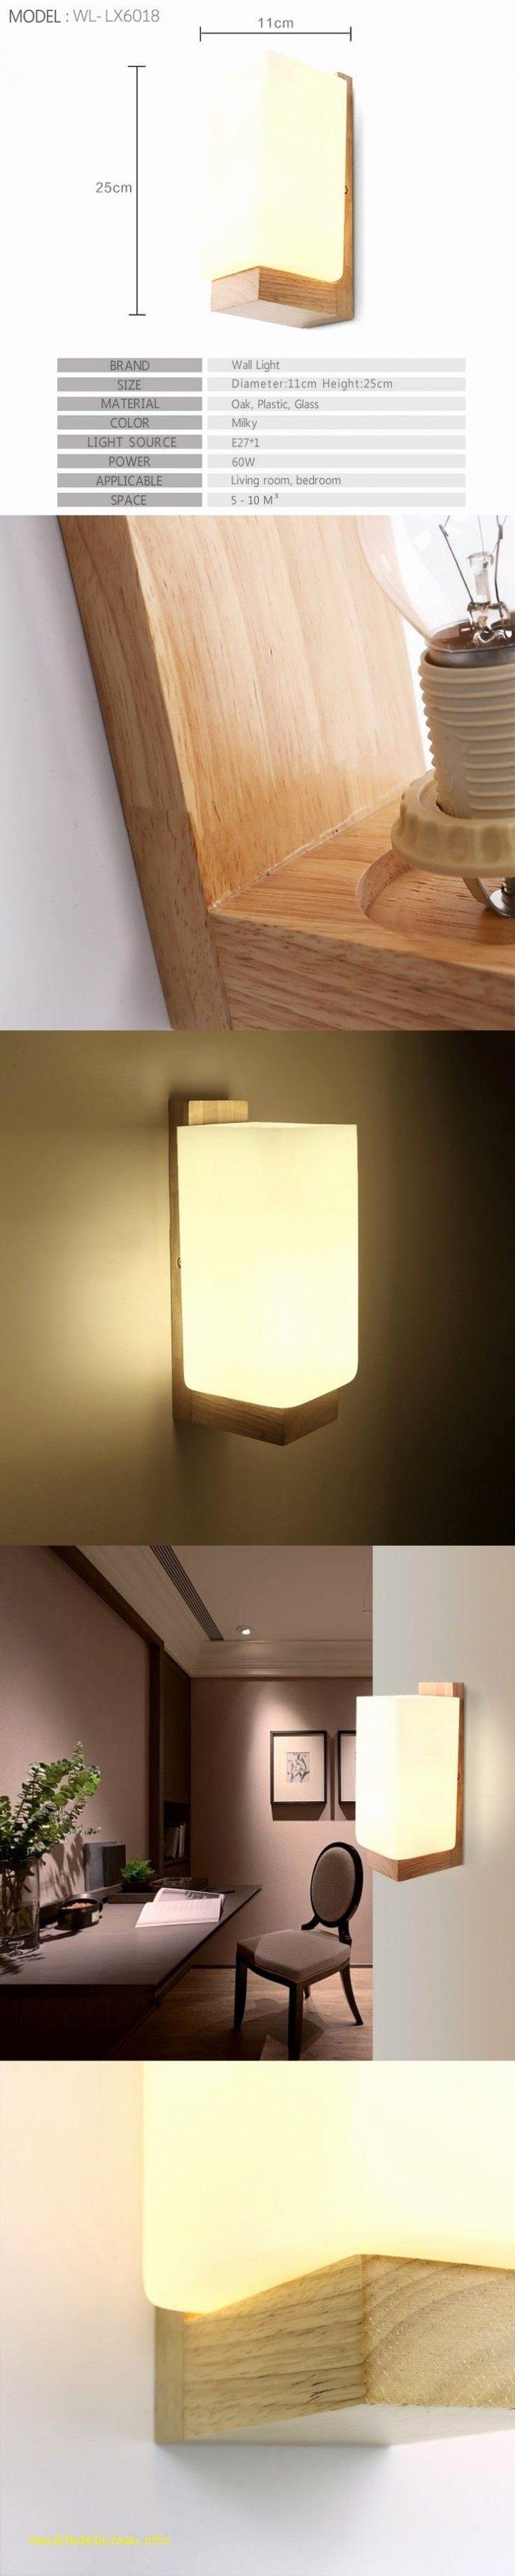 Eclairage Tete De Lit Led Frais Luminaire Interieur Design La Confortable Lampe Bois Design